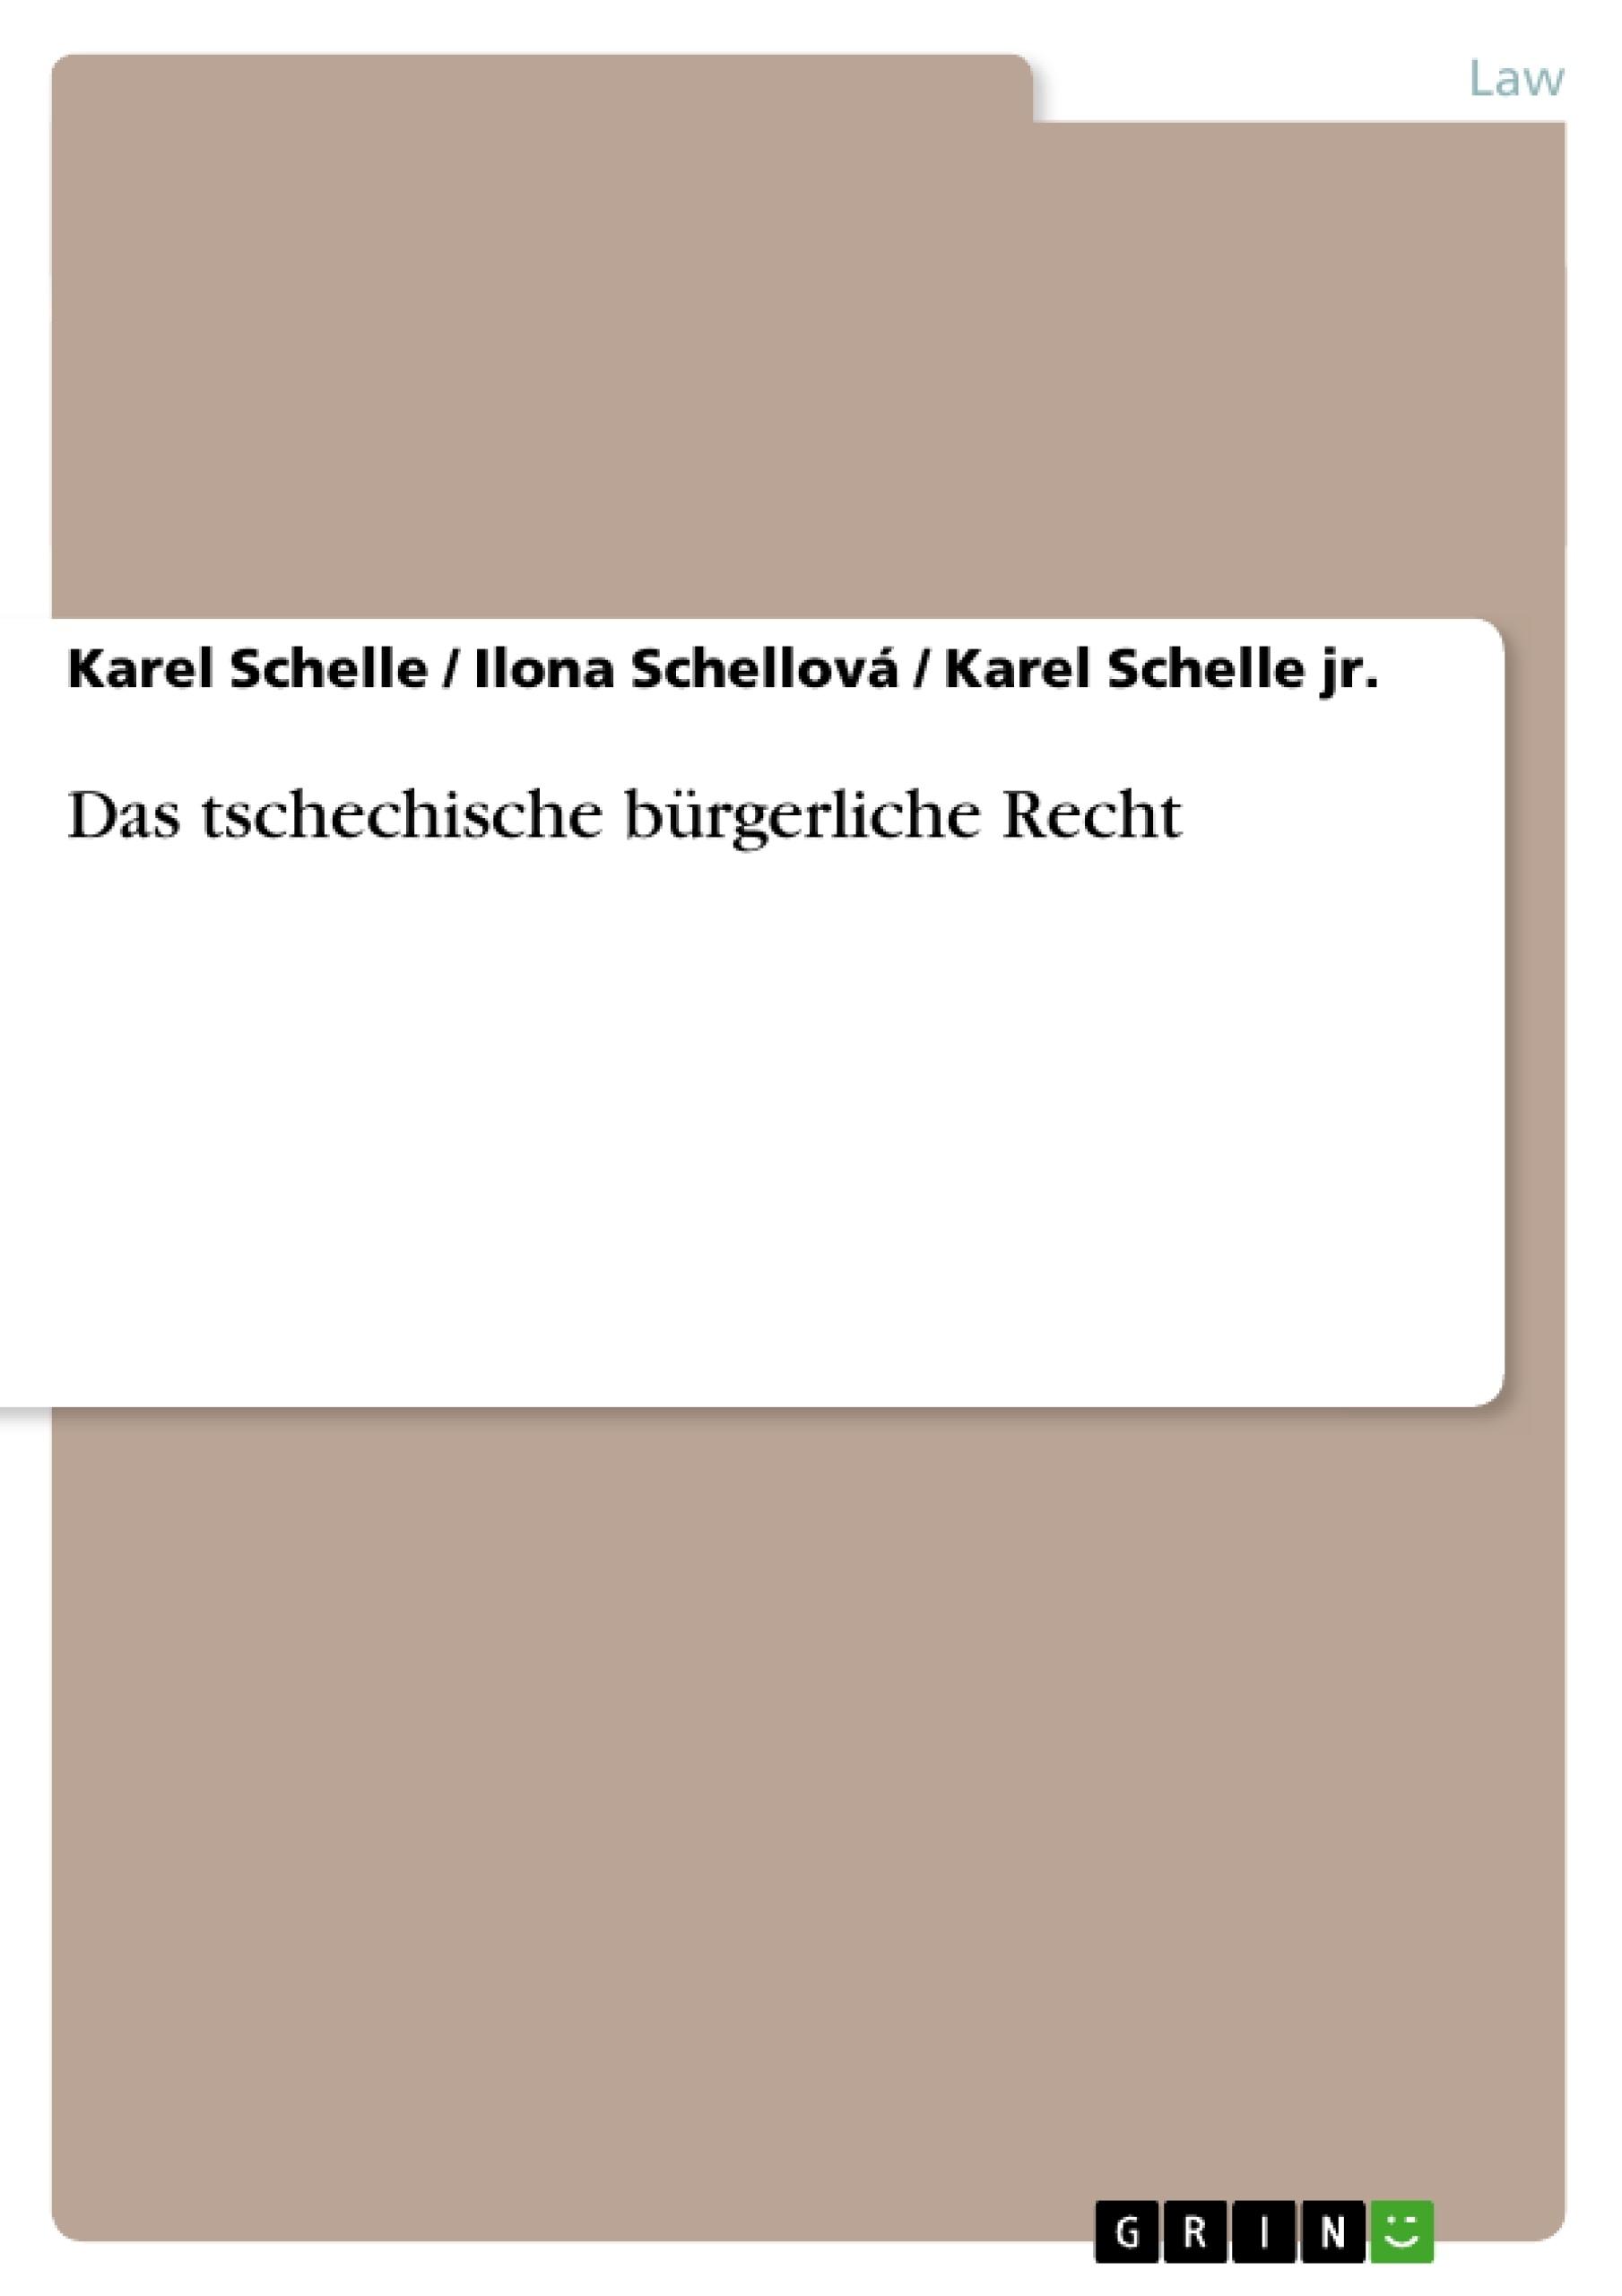 Title: Das tschechische bürgerliche Recht